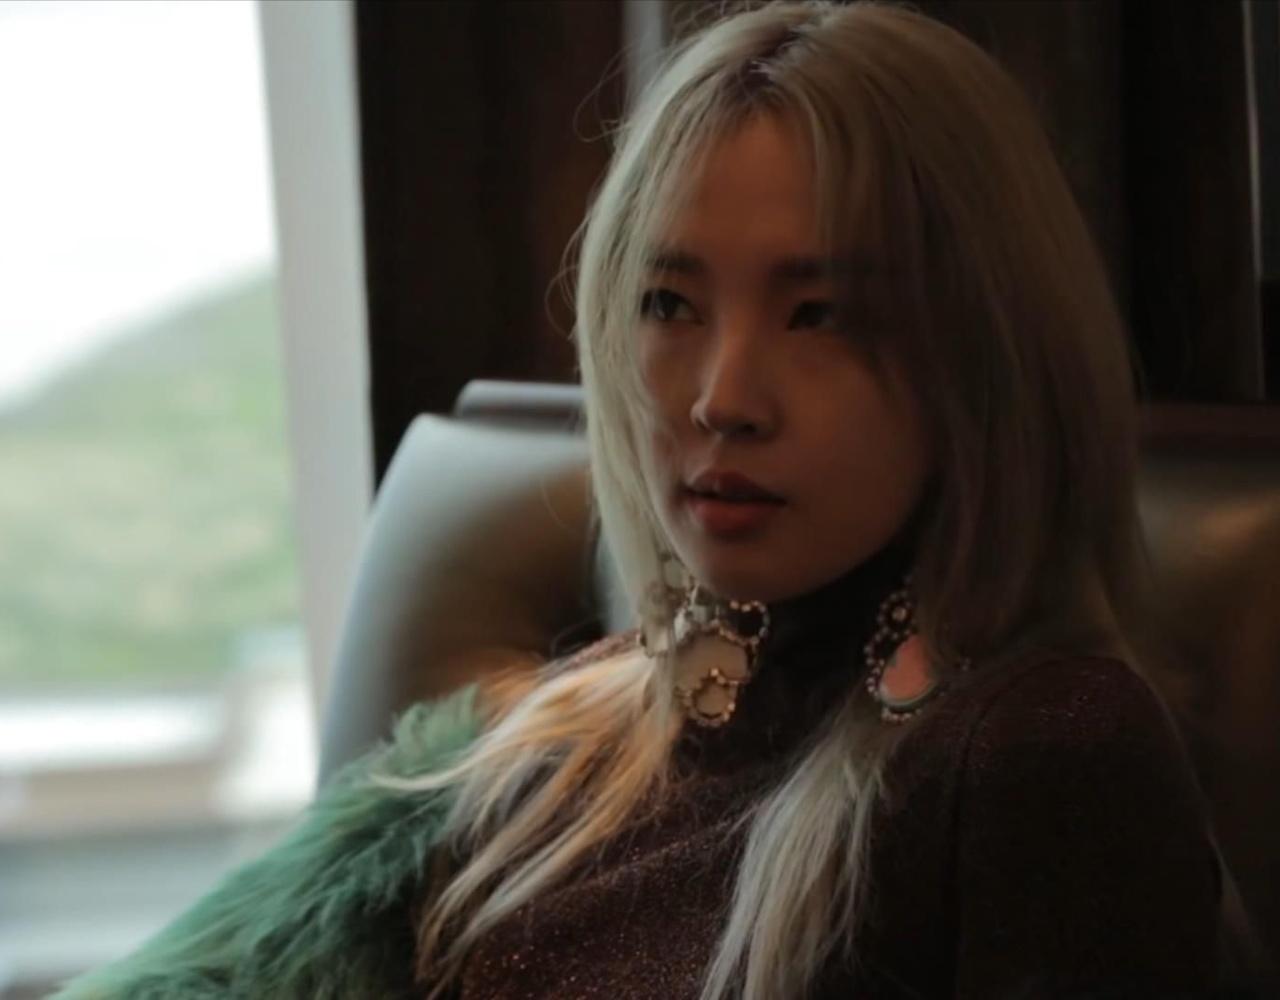 全智允(Jeon Ji Yoon)在菲律宾拍画报的未公开影像part1